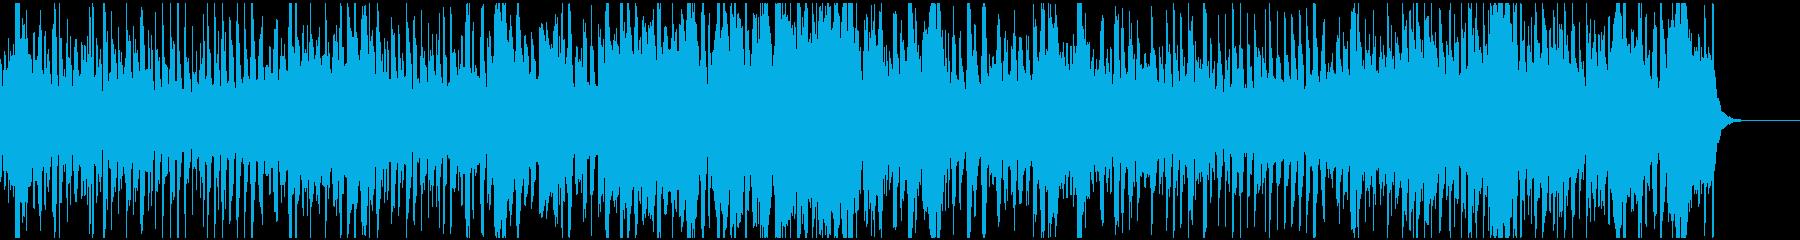 可愛らしい小編成のオーケストラの再生済みの波形